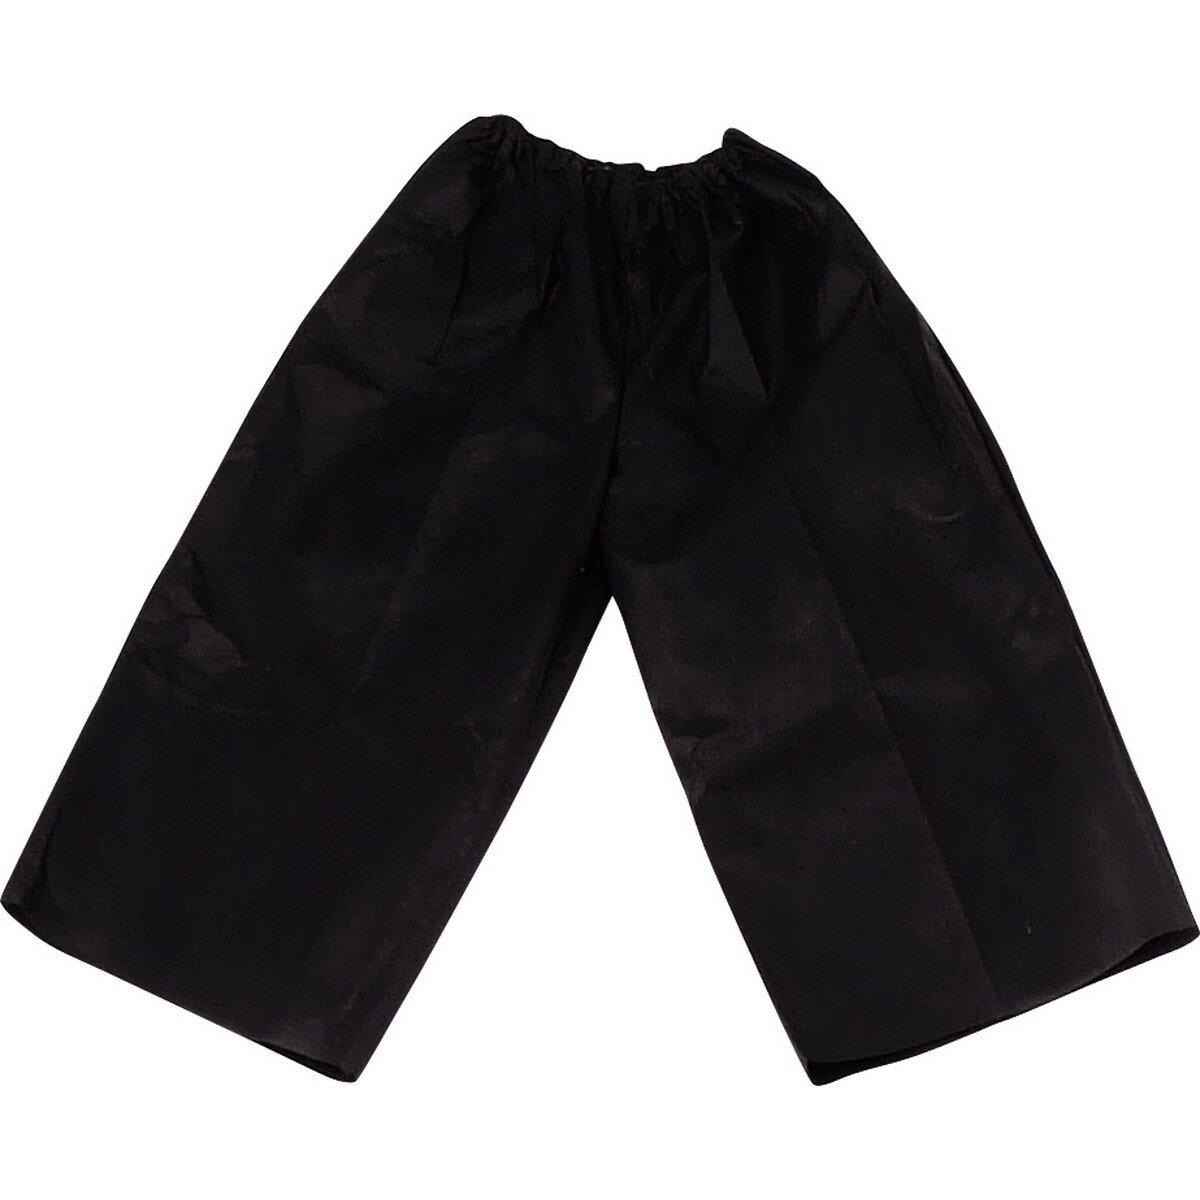 【メーカー欠品中 12月中旬入荷予定】Artec(アーテック) 衣装ベース J ズボン 黒 #1954